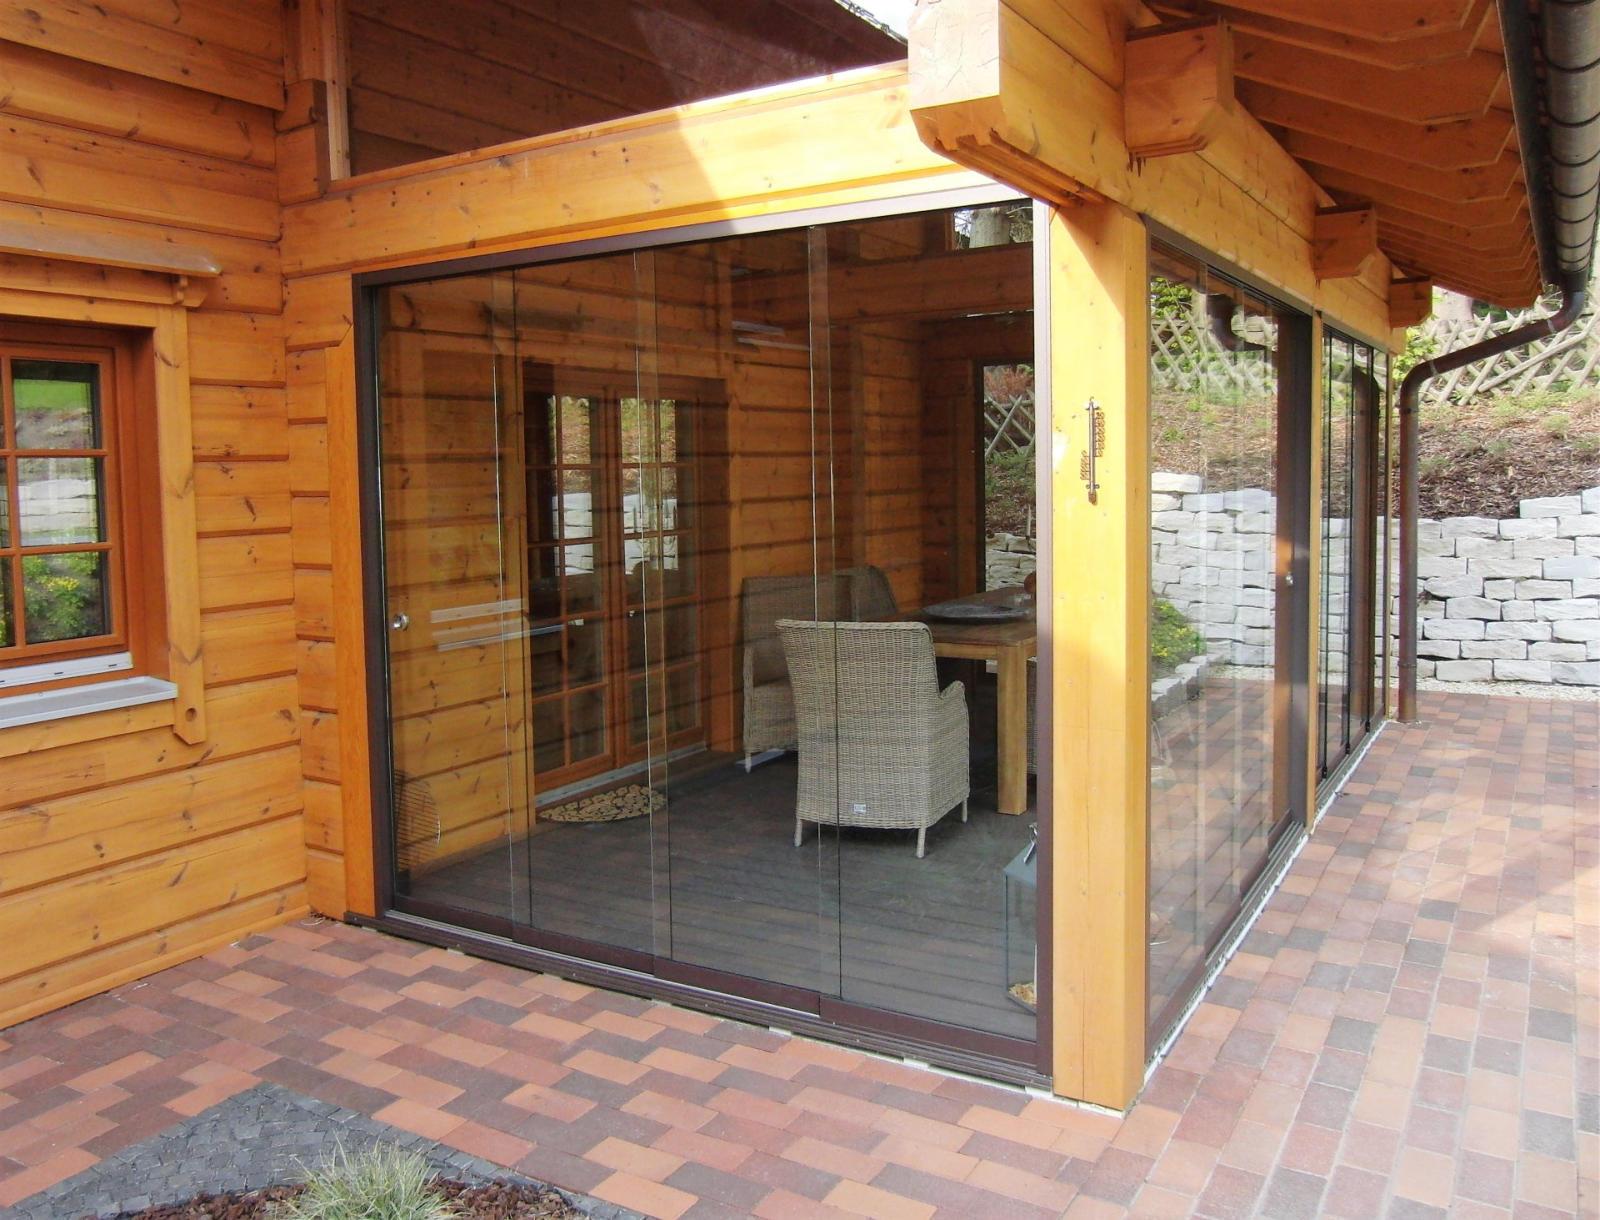 Great Überdachungen Terrassen Und Garten Fenster, Türen Innenausbau Fassade  Impressum / Datenschutz Ihre Meinung Interessiert Uns!